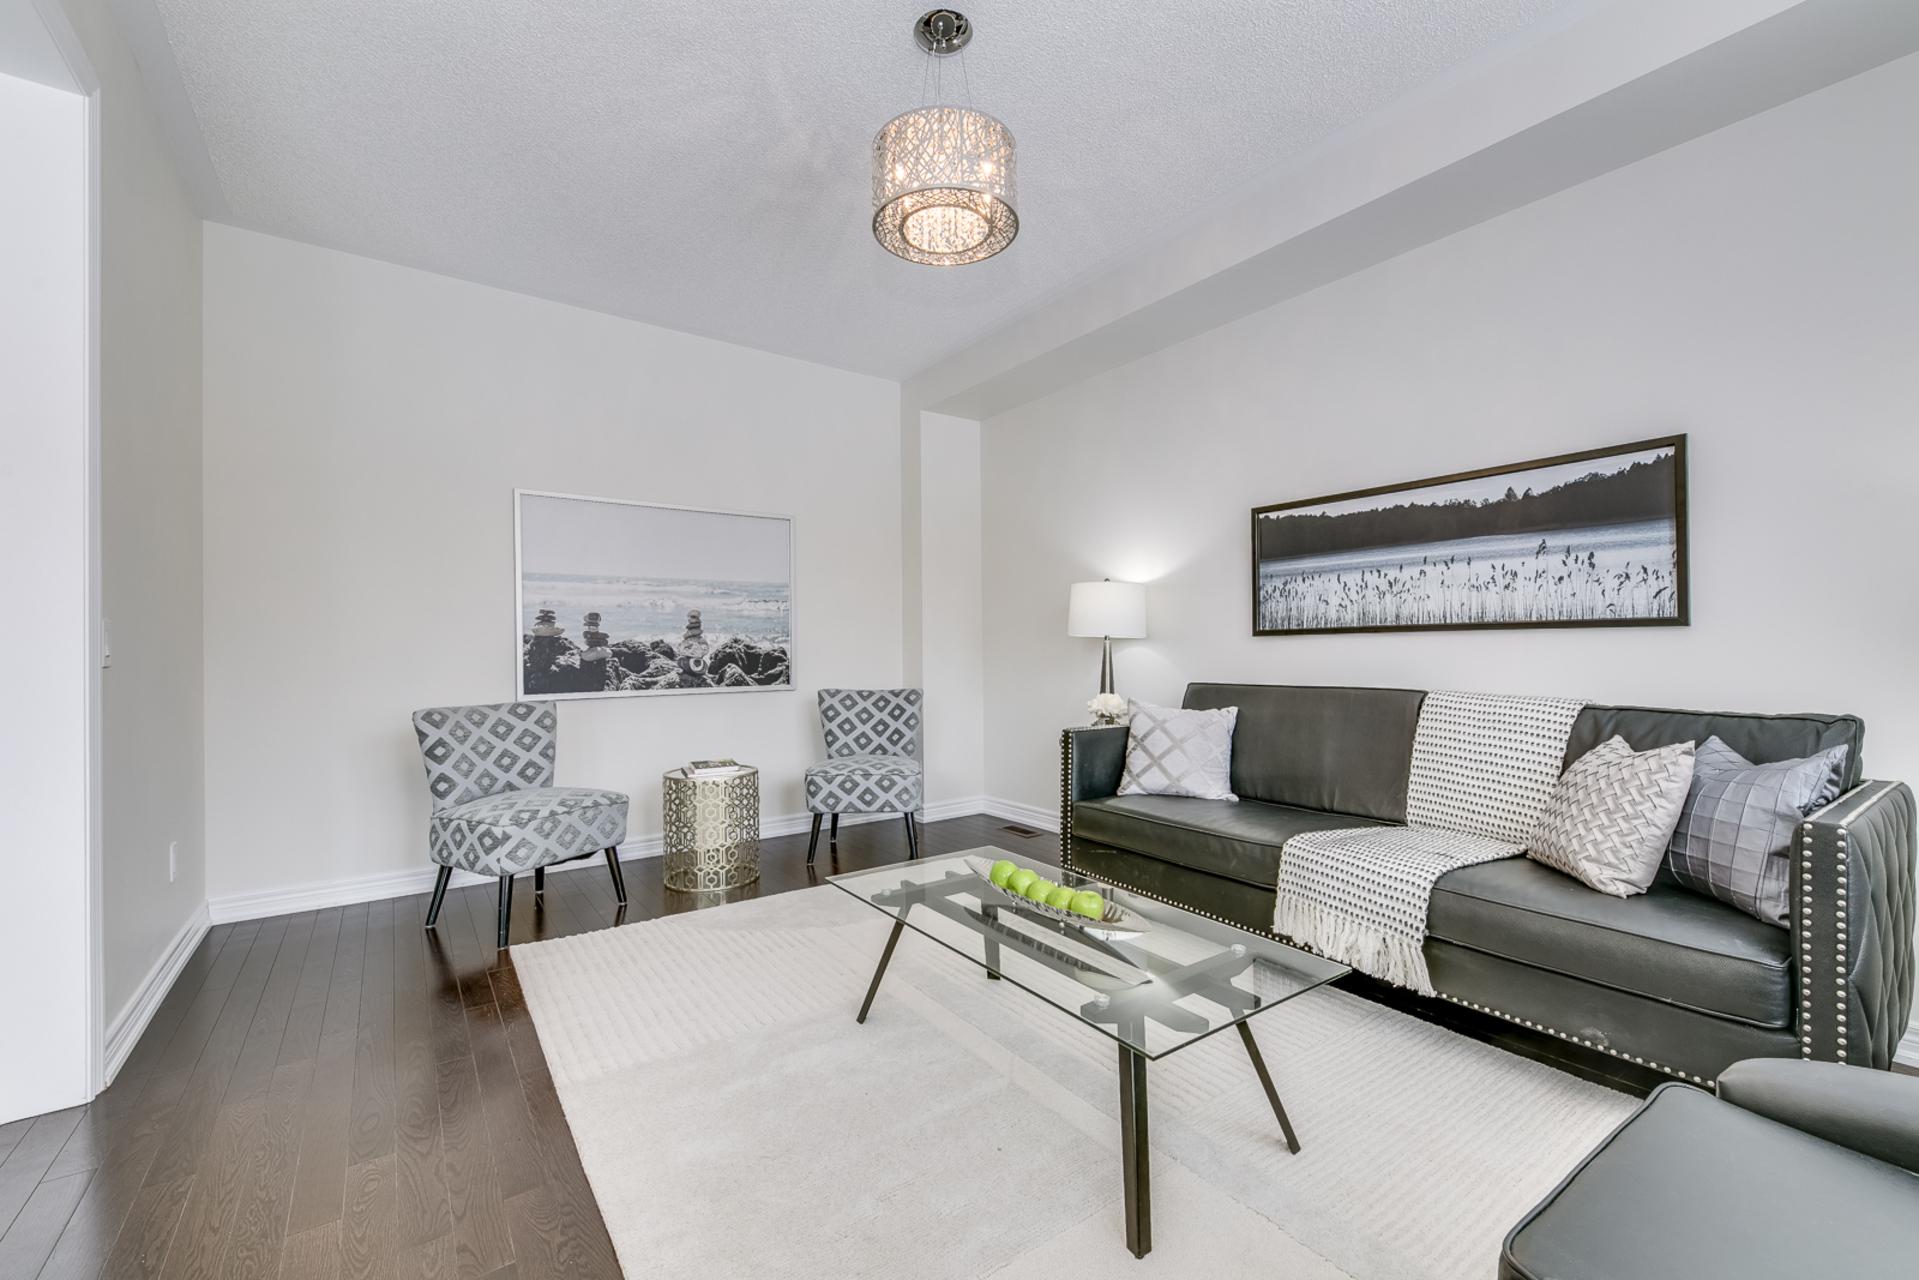 Family Room - 31 Beacon Point St,  Markham - Elite3 & Team at 31 Beacon Point Street, Wismer, Markham